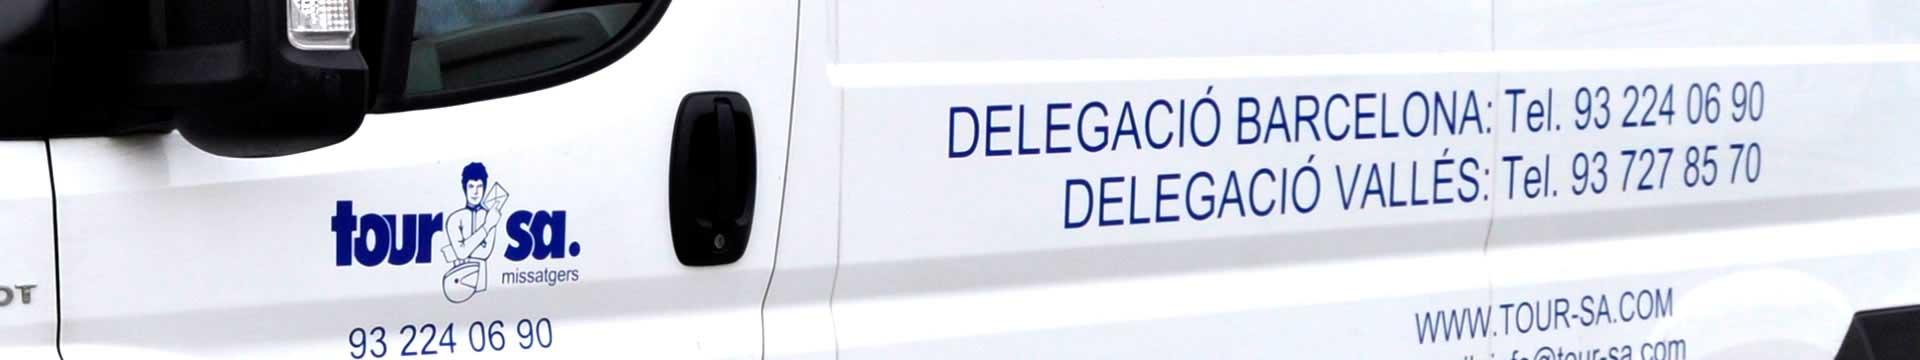 delegacions Tour SA